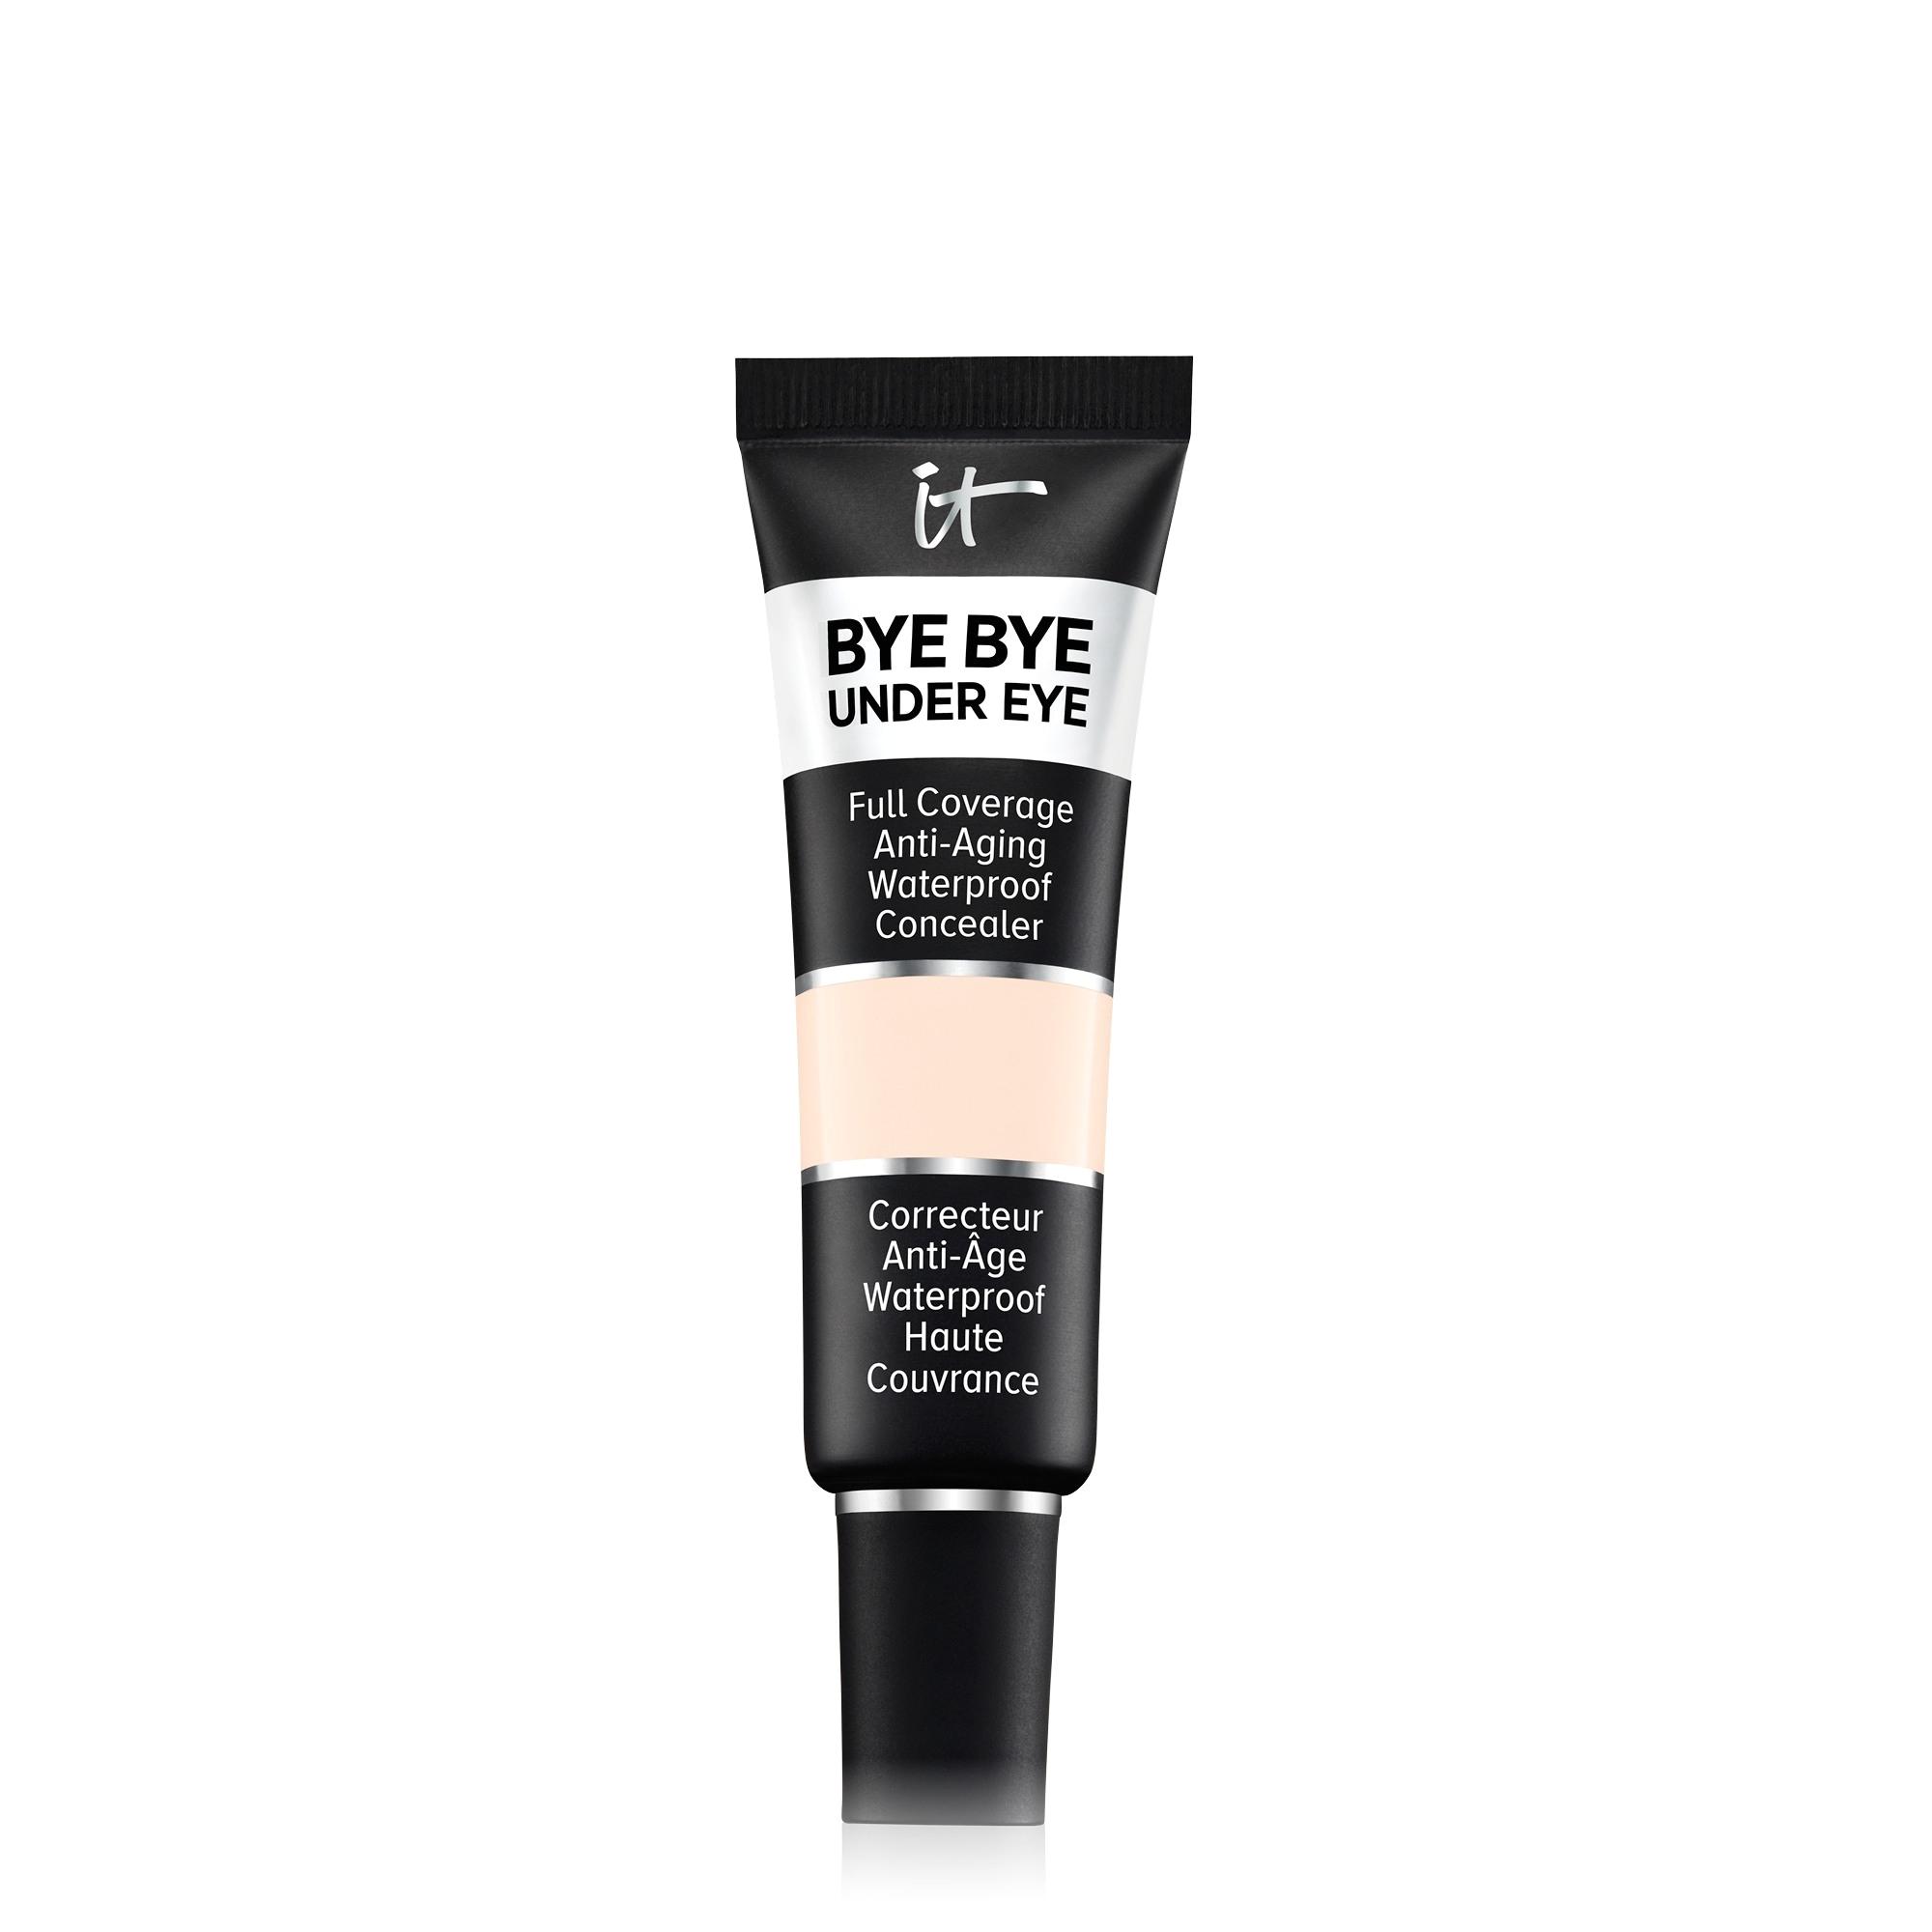 bye bye under eye full coverage anti aging waterproof concealer it cosmetics